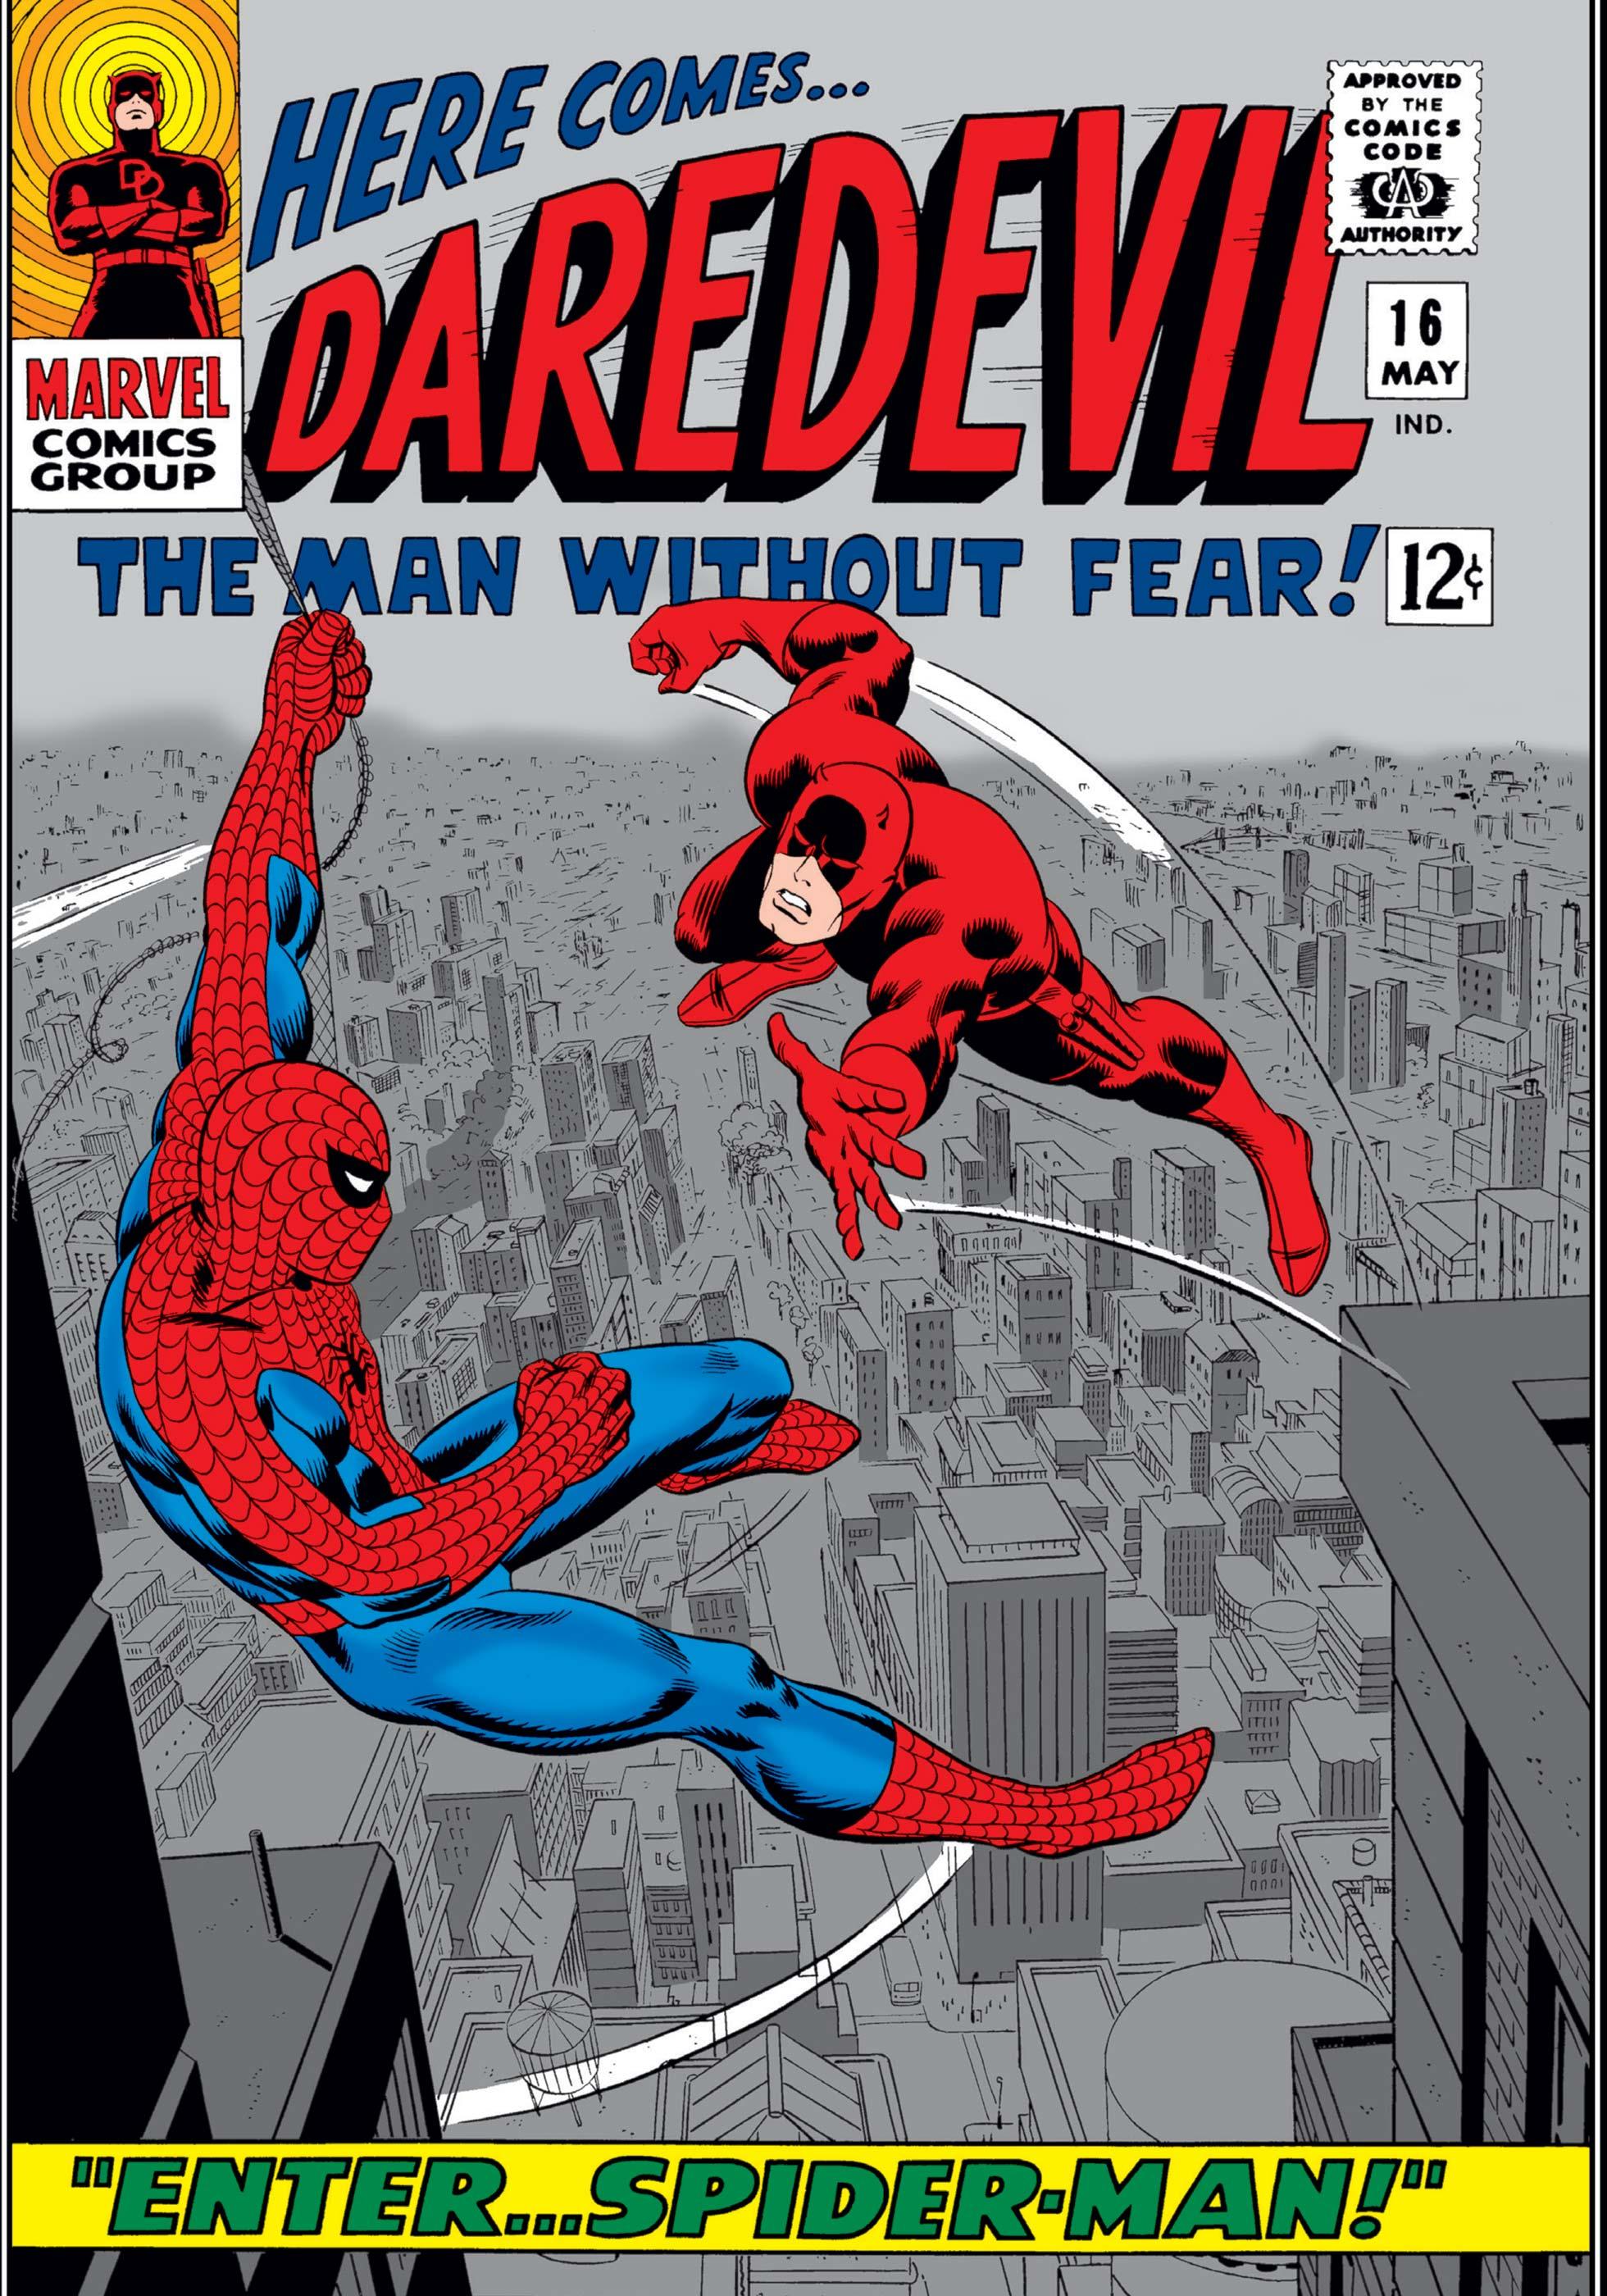 Daredevil (1964) #16